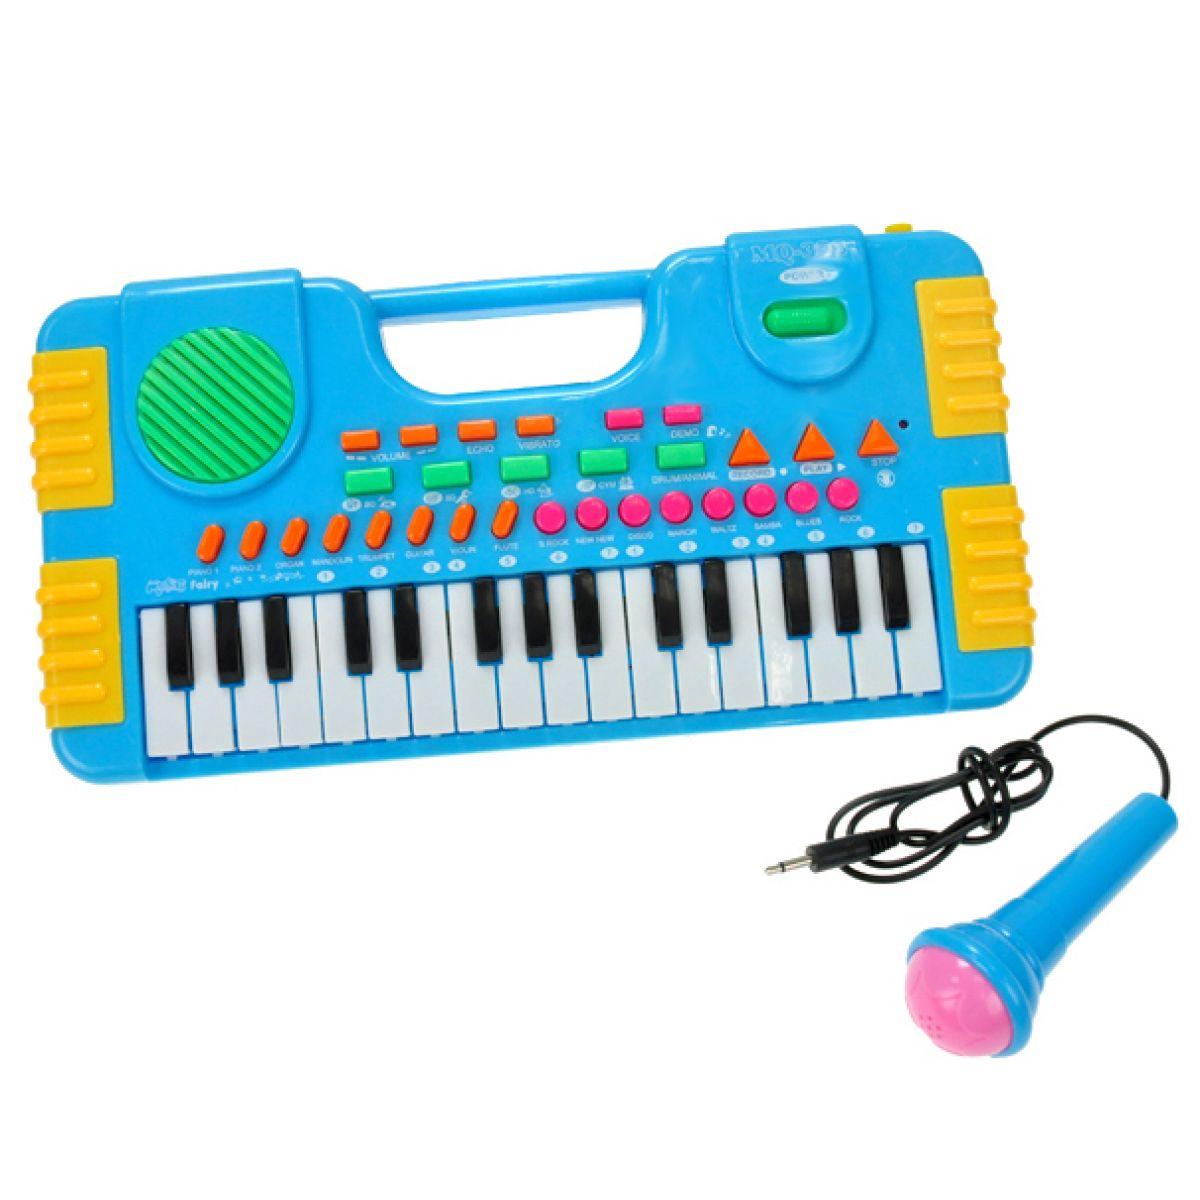 Teedies Piánko s mikrofonem nahrávací 31 kláves